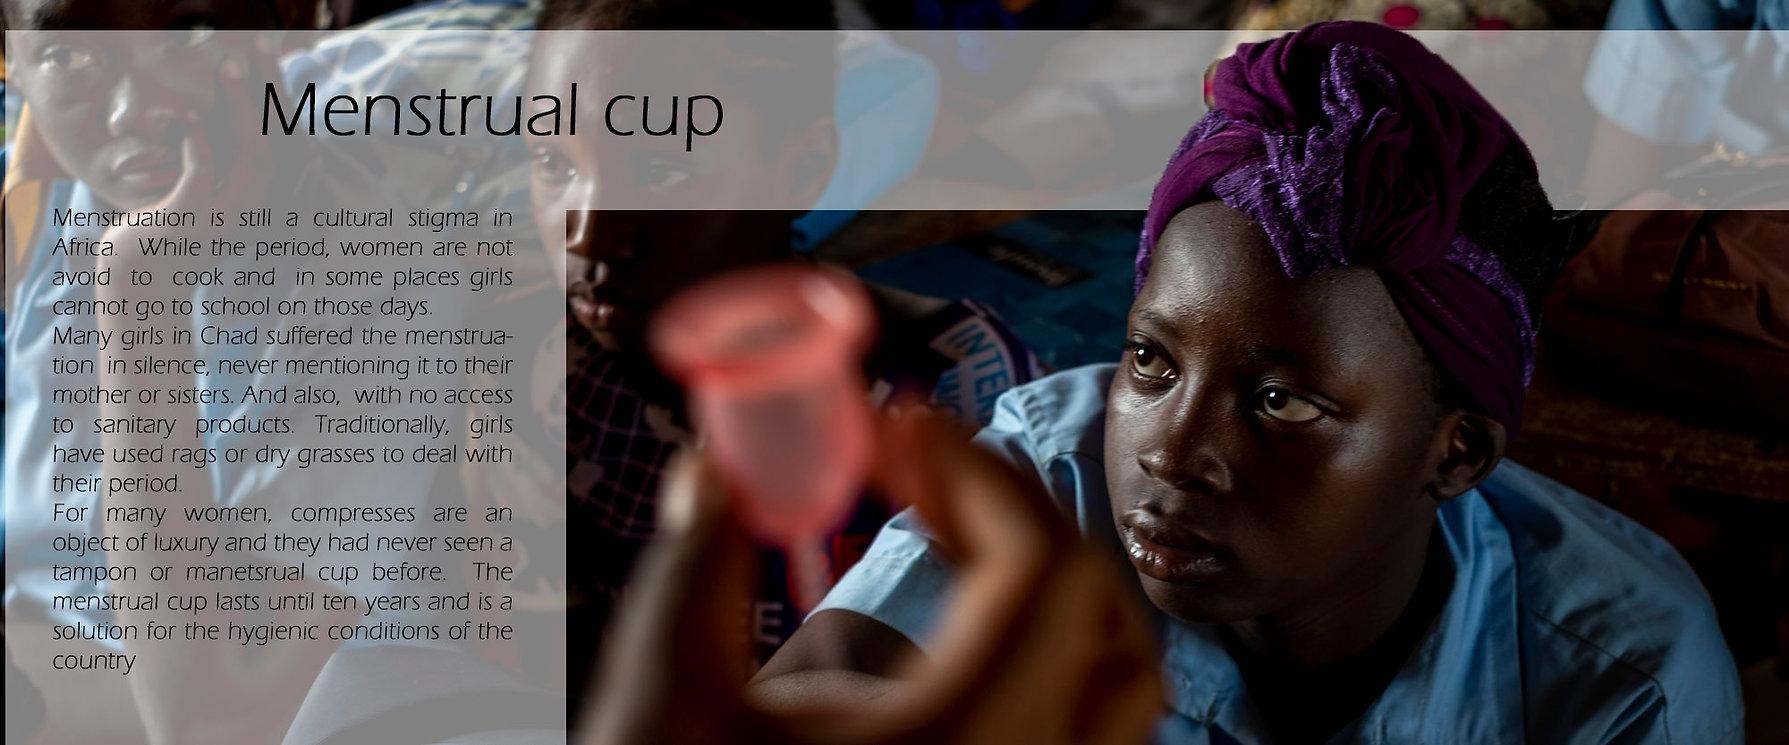 menstrual cup.jpg